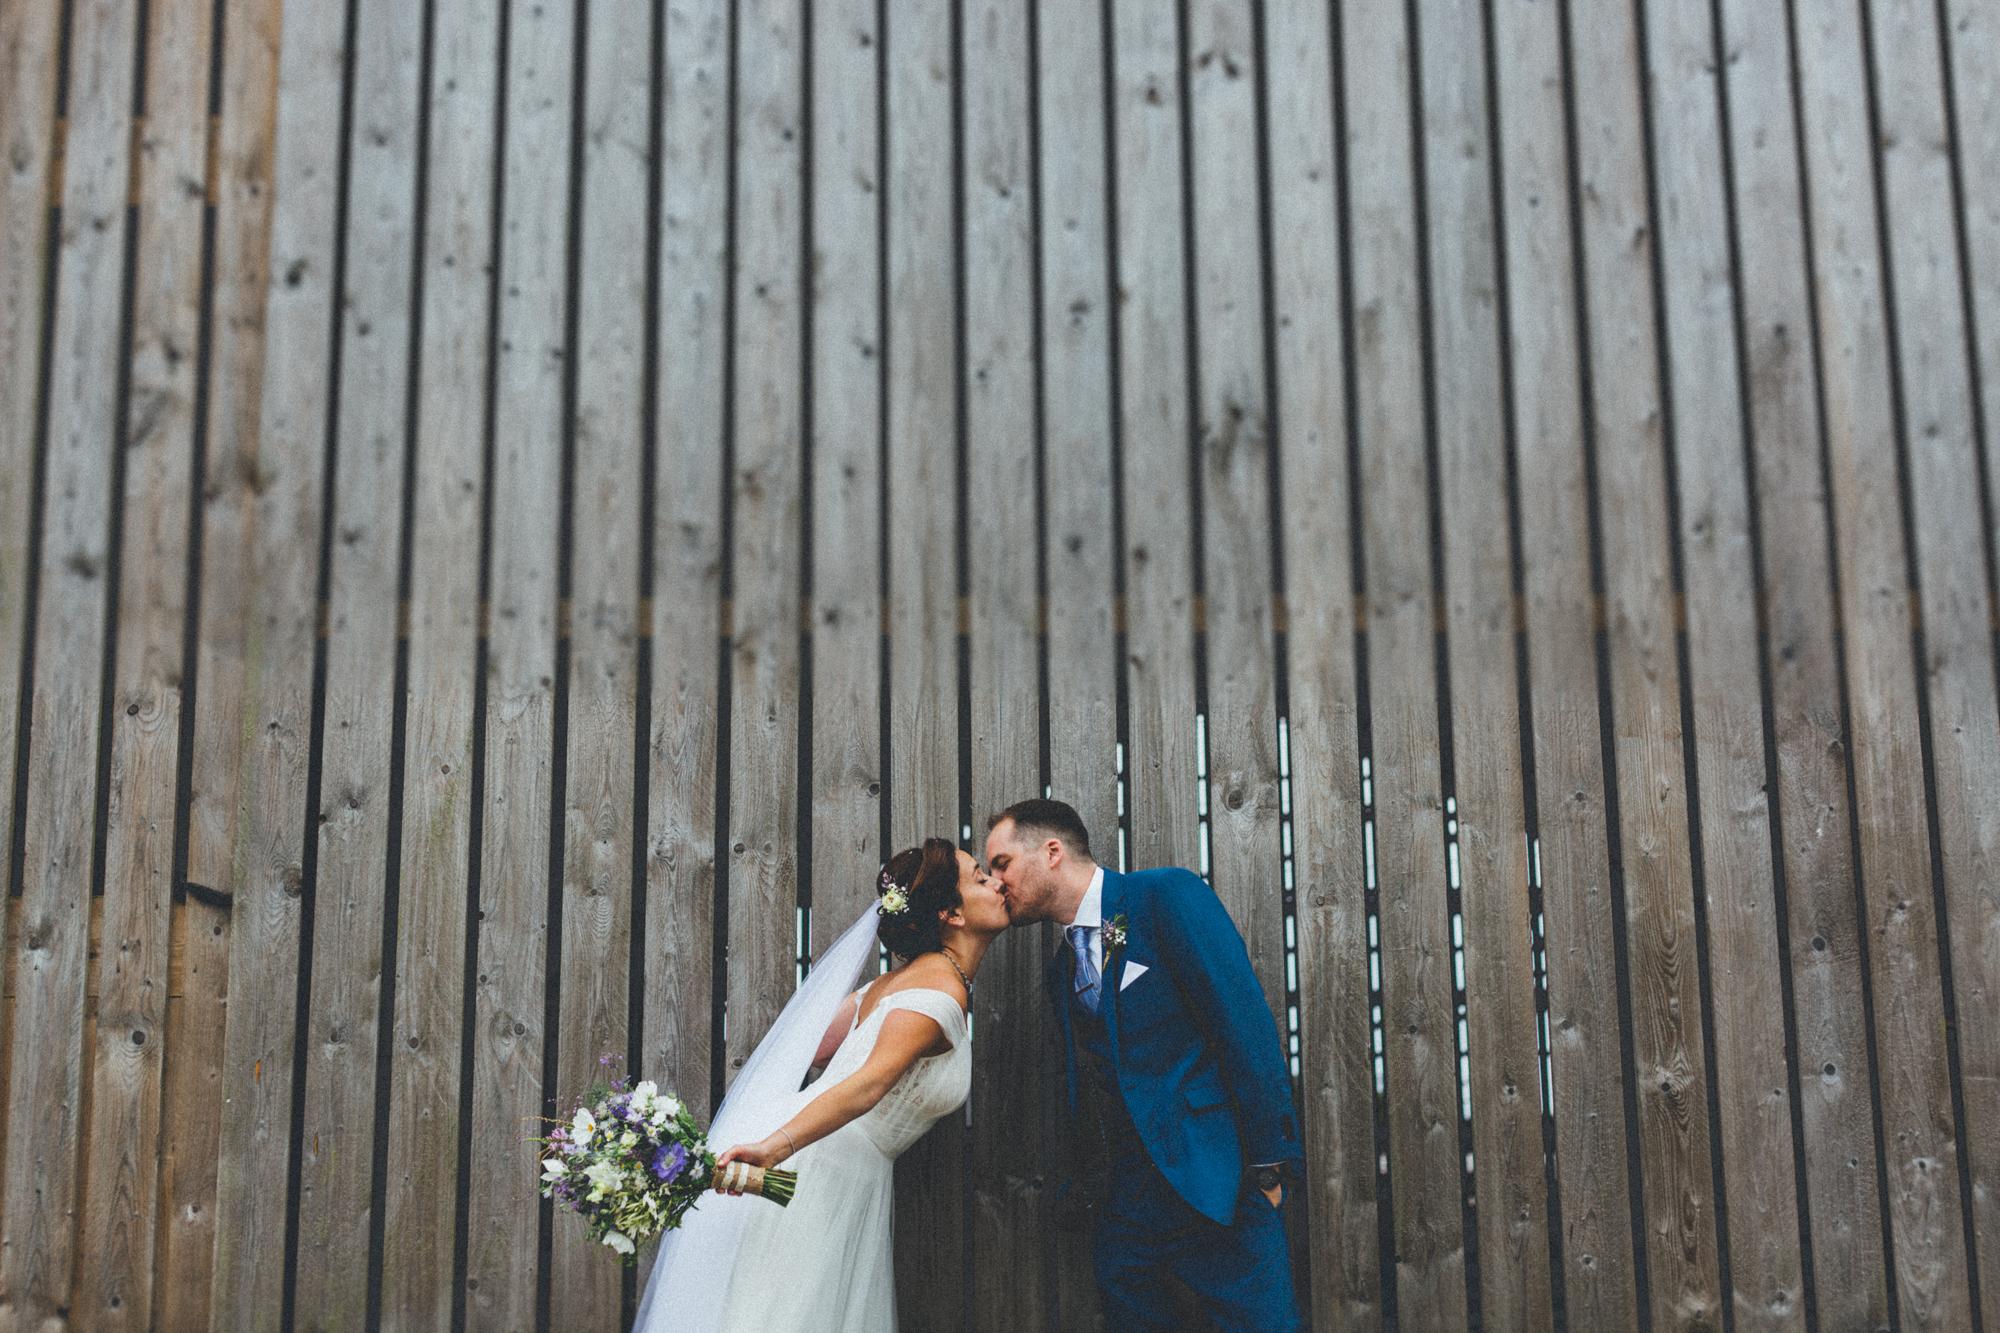 oldwalls wales wedding photograher.jpg